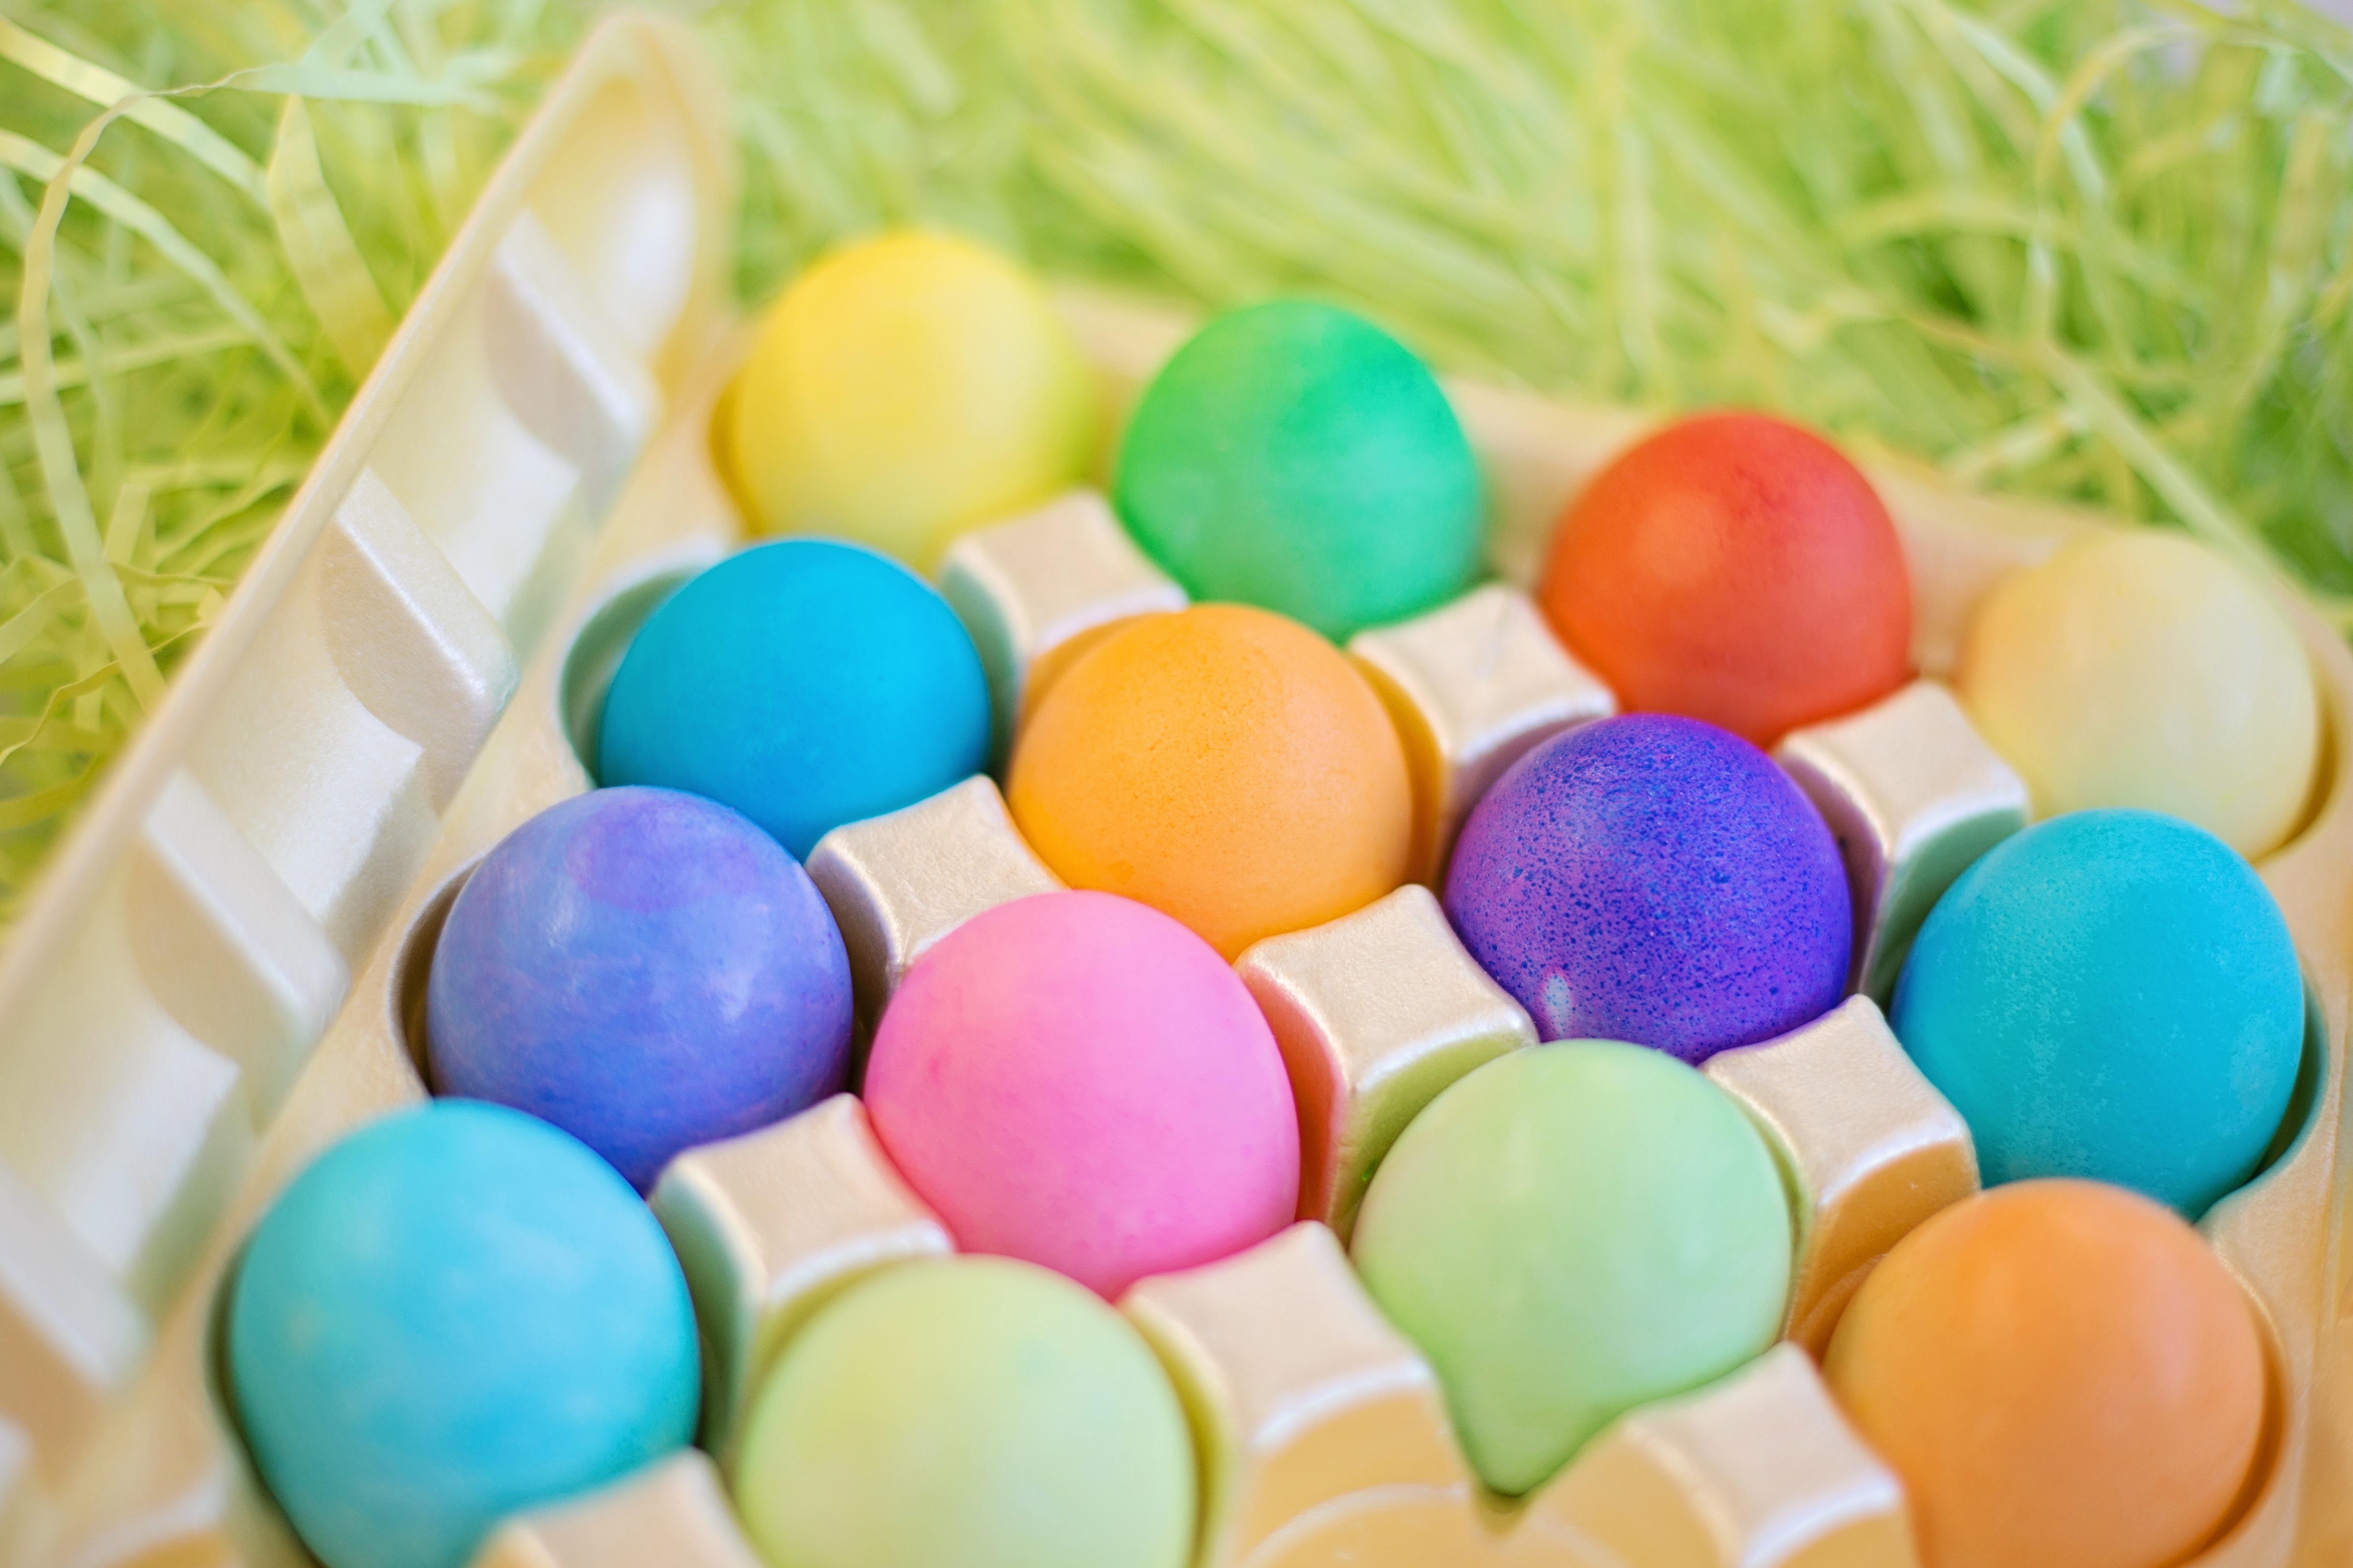 149861 Заставки и Обои Яйца на телефон. Скачать Праздники, Яйца, Пасха, Разноцветный картинки бесплатно